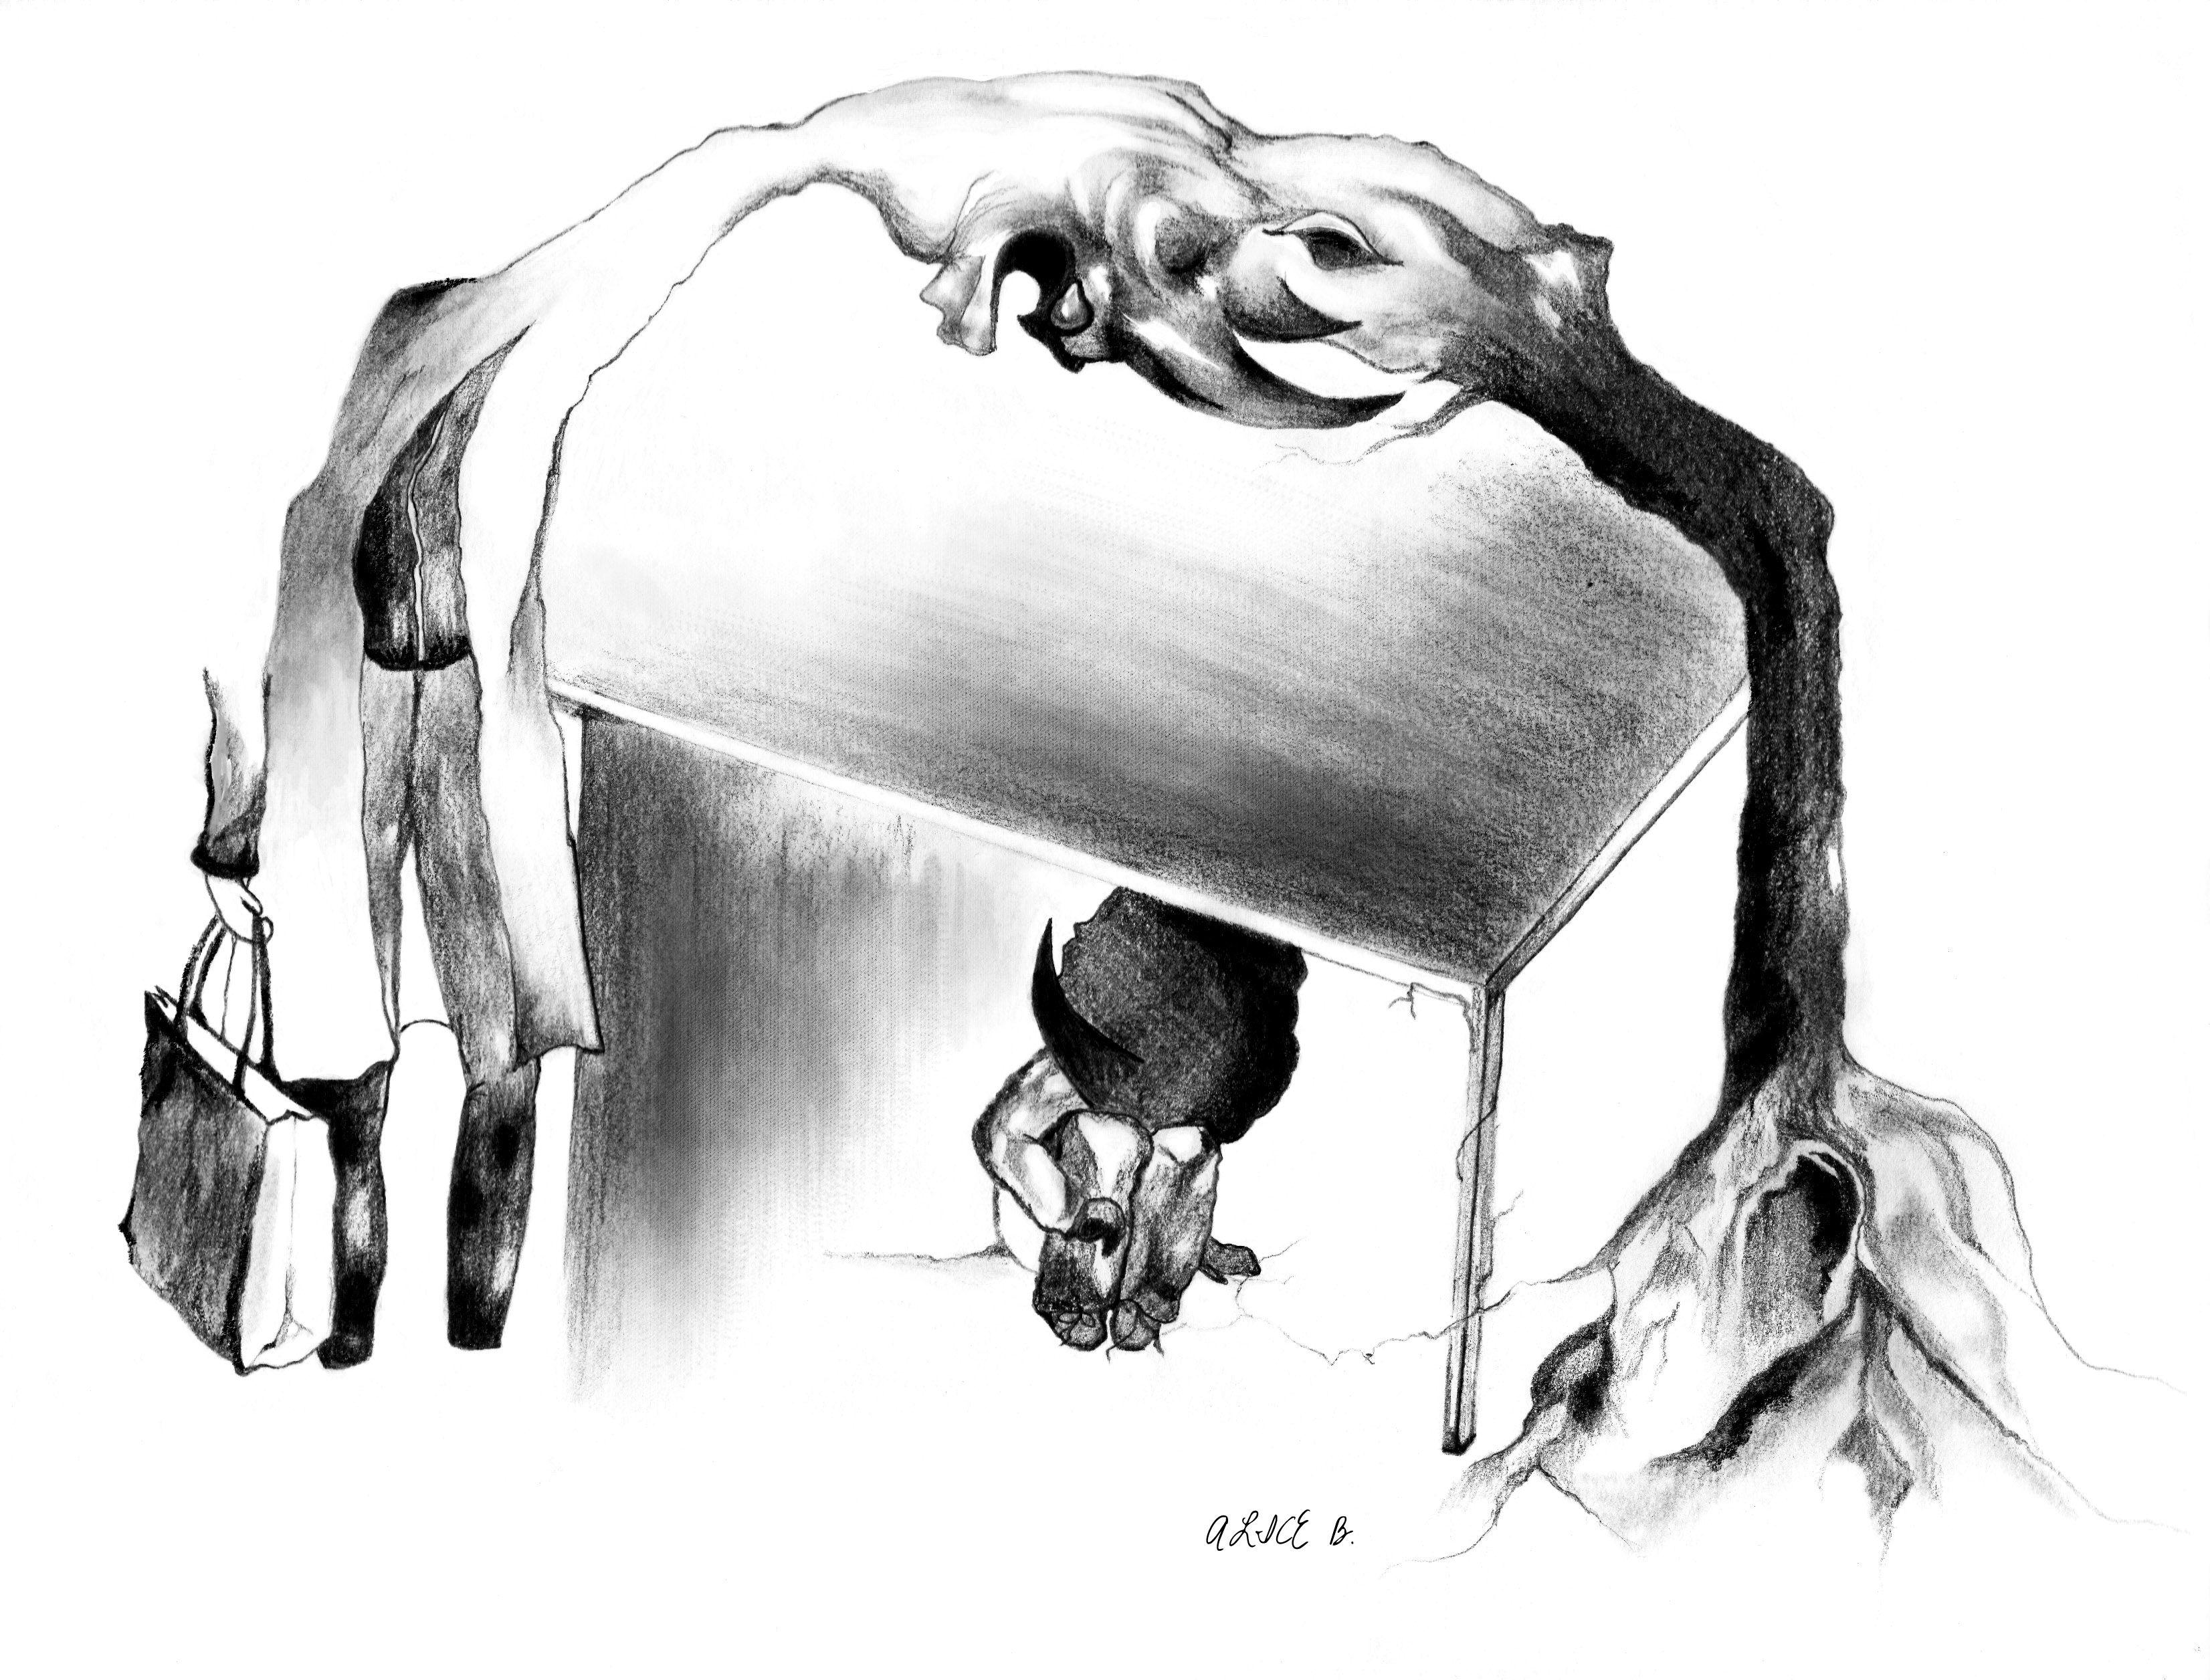 dessin loufoque crayon papier noir et blanc illustration toulouse la singuliere. Black Bedroom Furniture Sets. Home Design Ideas